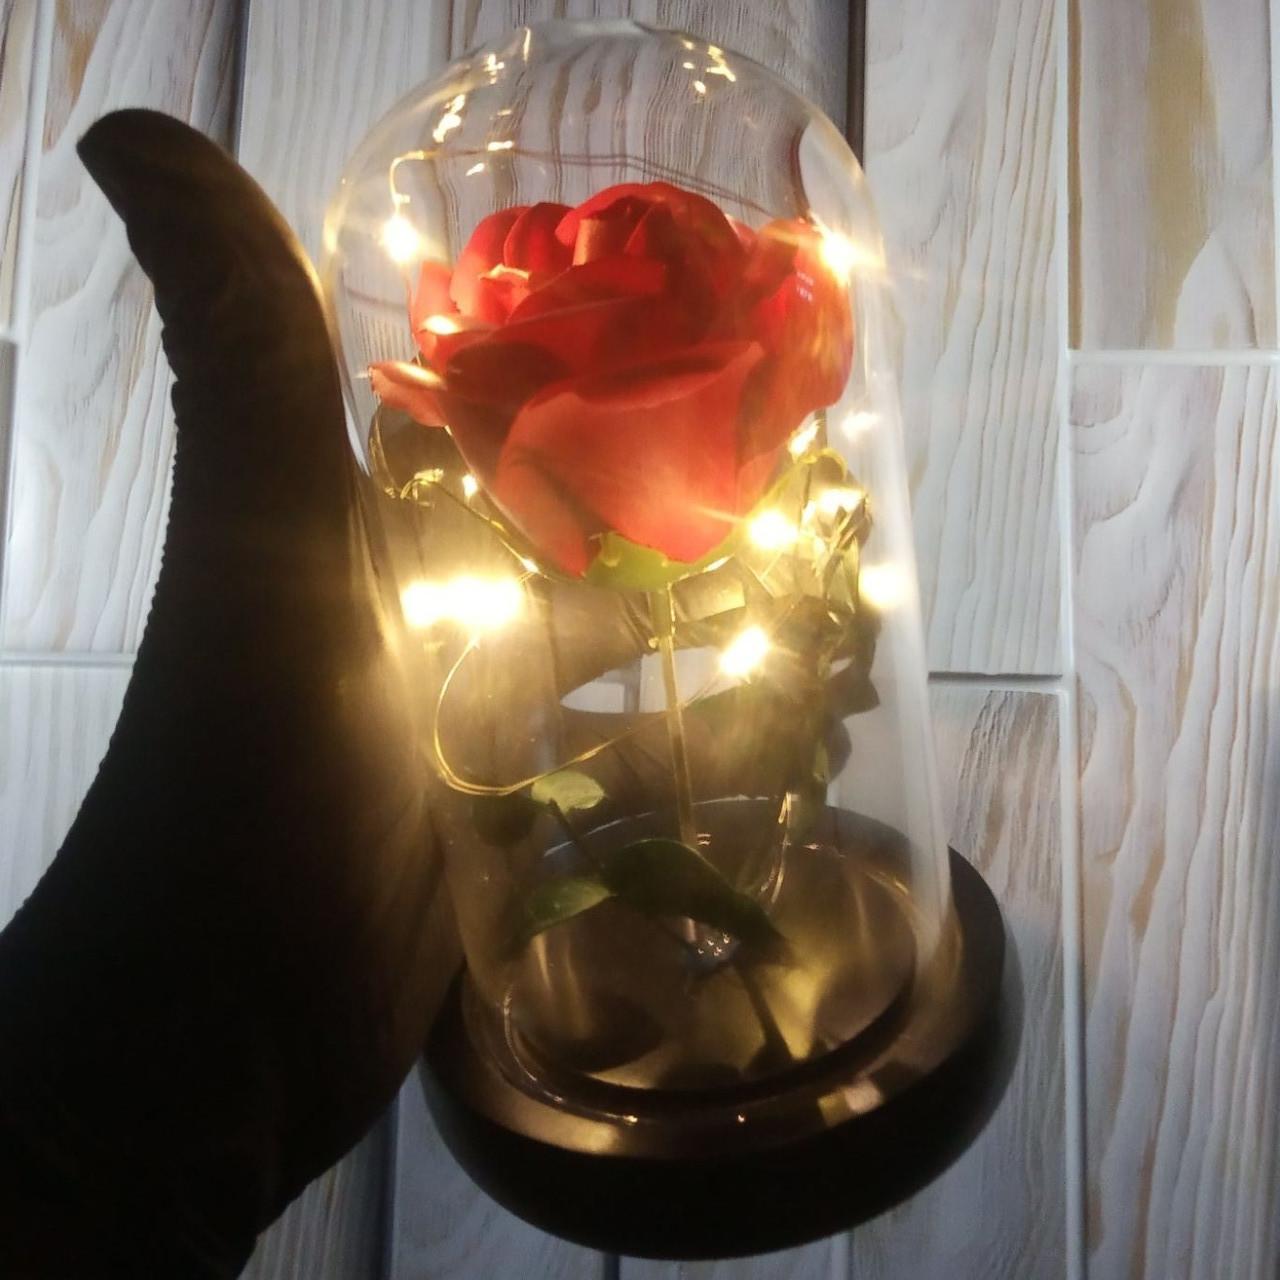 Роза в колбе с Led подсветкой красная, ночник, романтический подарок (Реальные фото!)